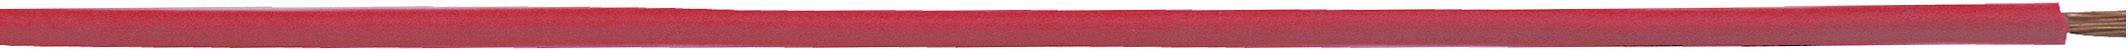 Opletenie / lanko LappKabel 4510043S H05V-K, 1 x 1 mm², vonkajší Ø 2.80 mm, 250 m, červená